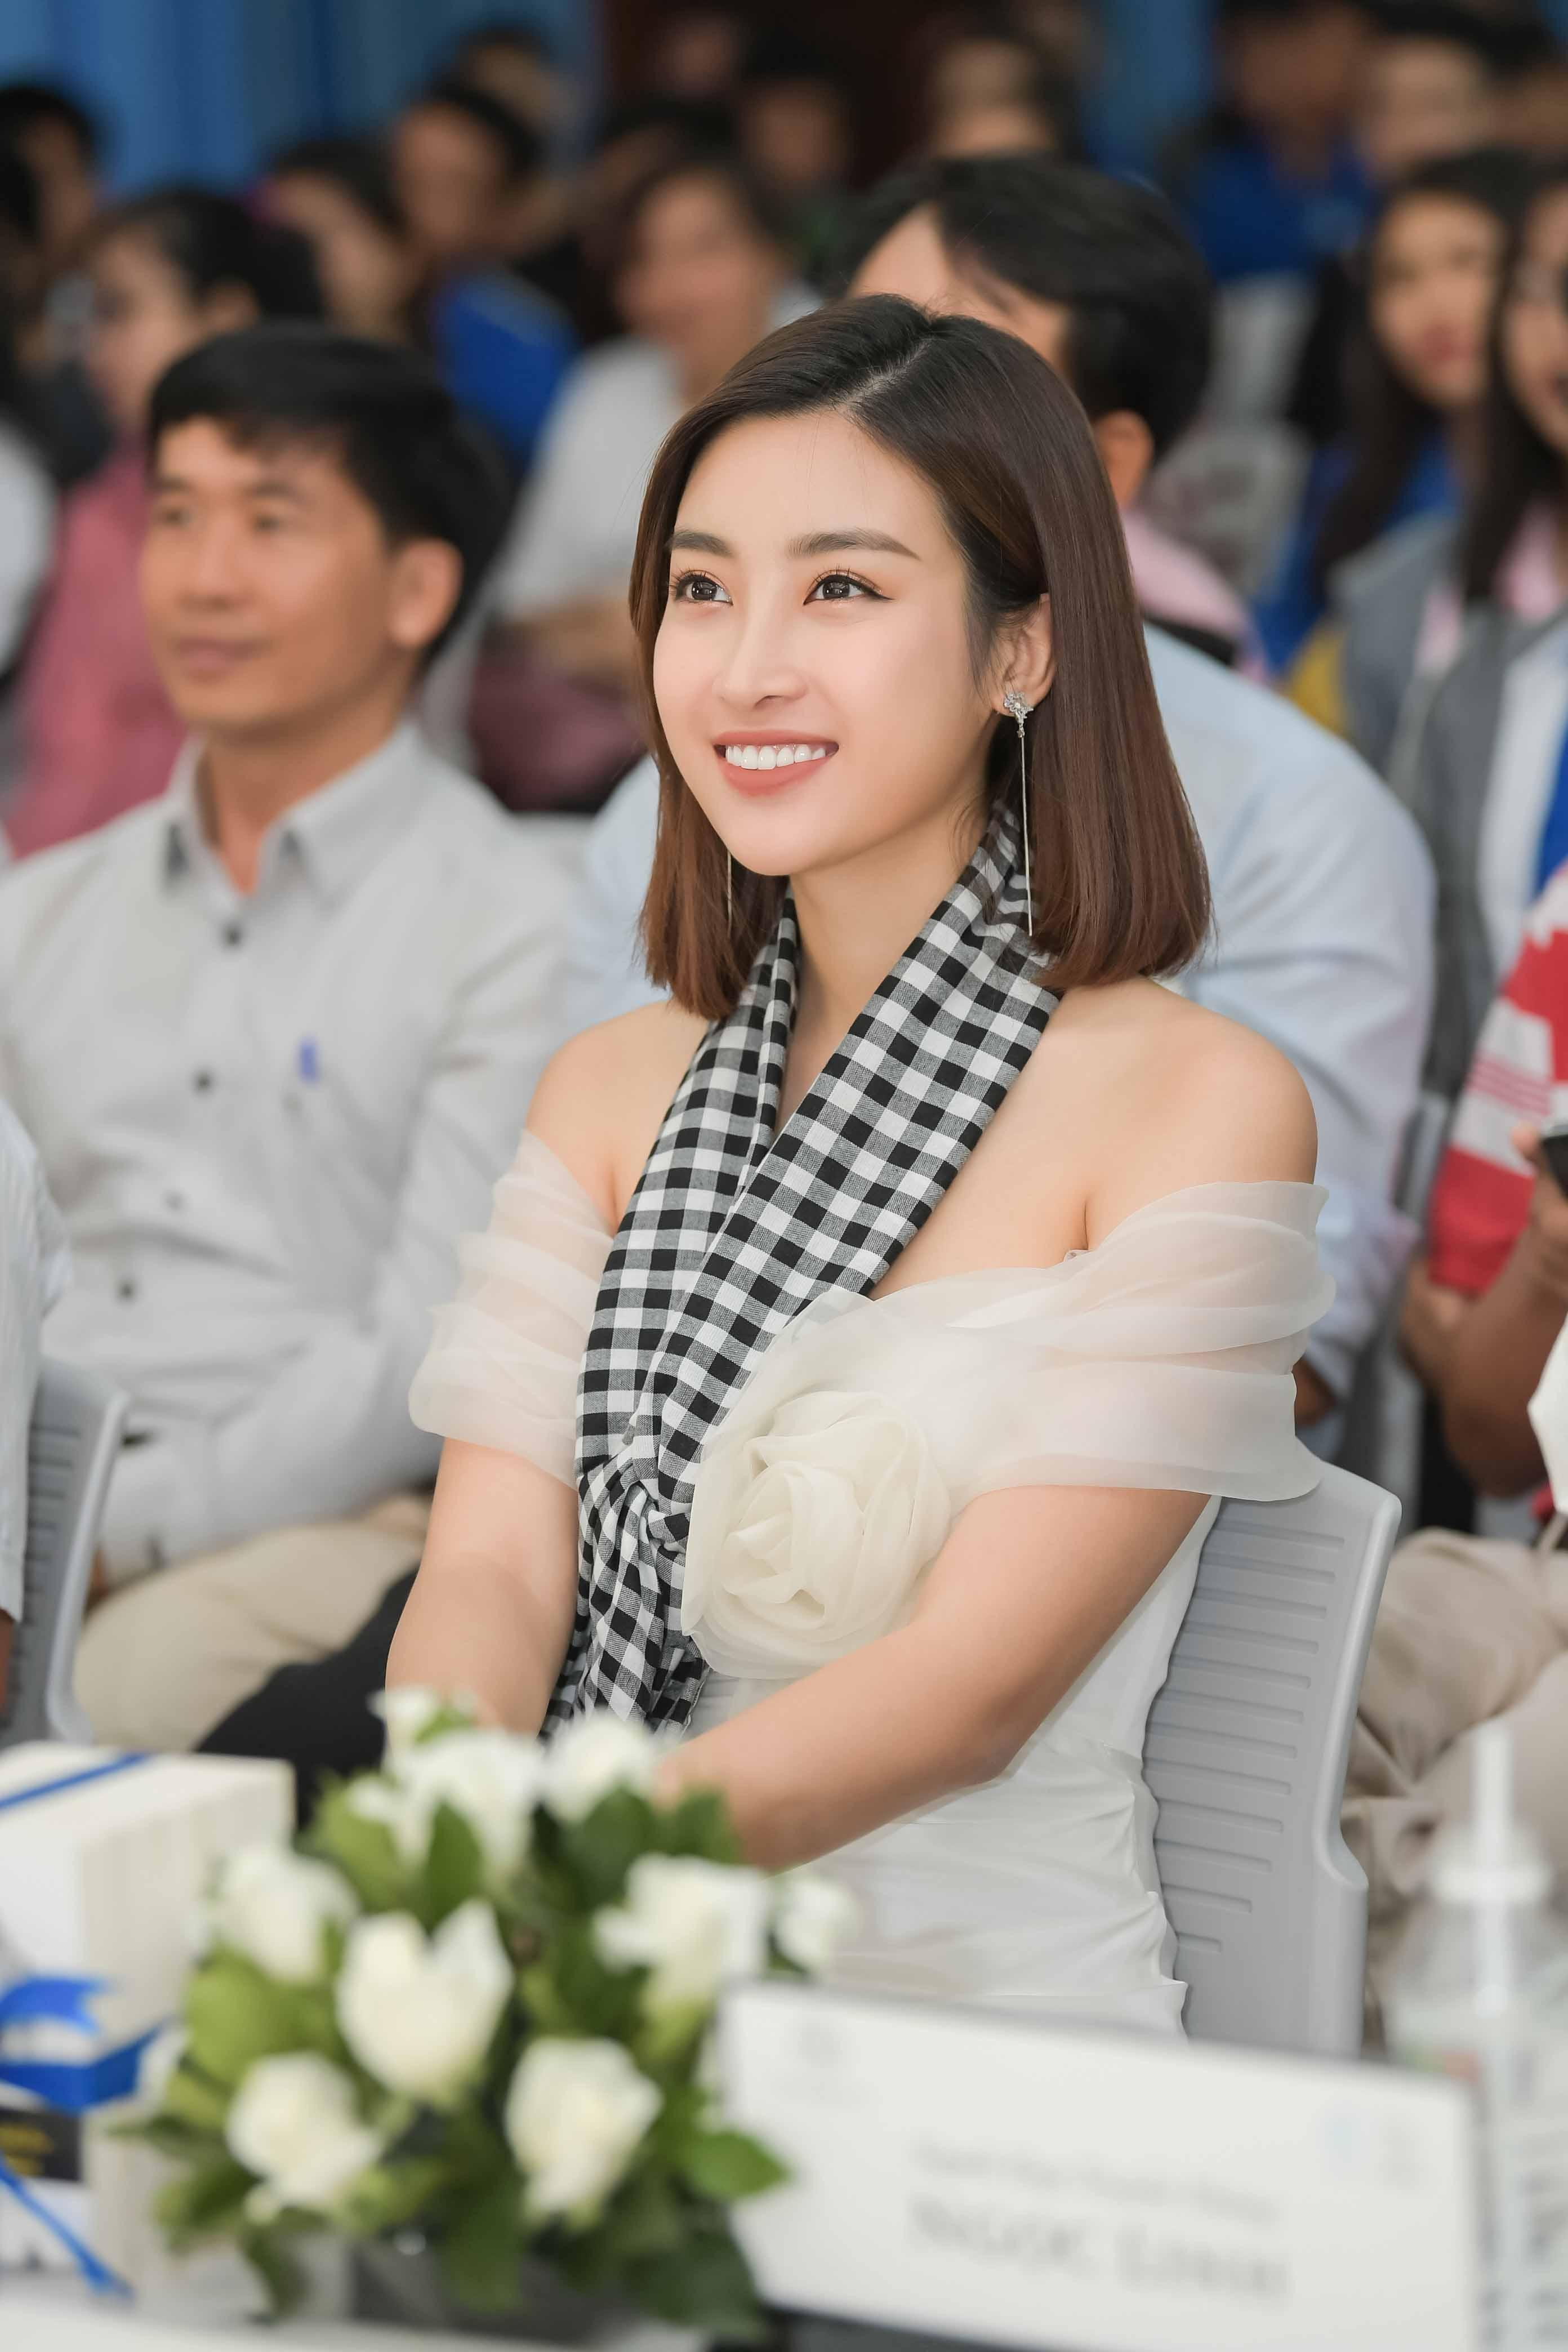 Mỹ Linh diện đầm trễ vai xinh đẹp giao lưu với sinh viên Nha Trang 3